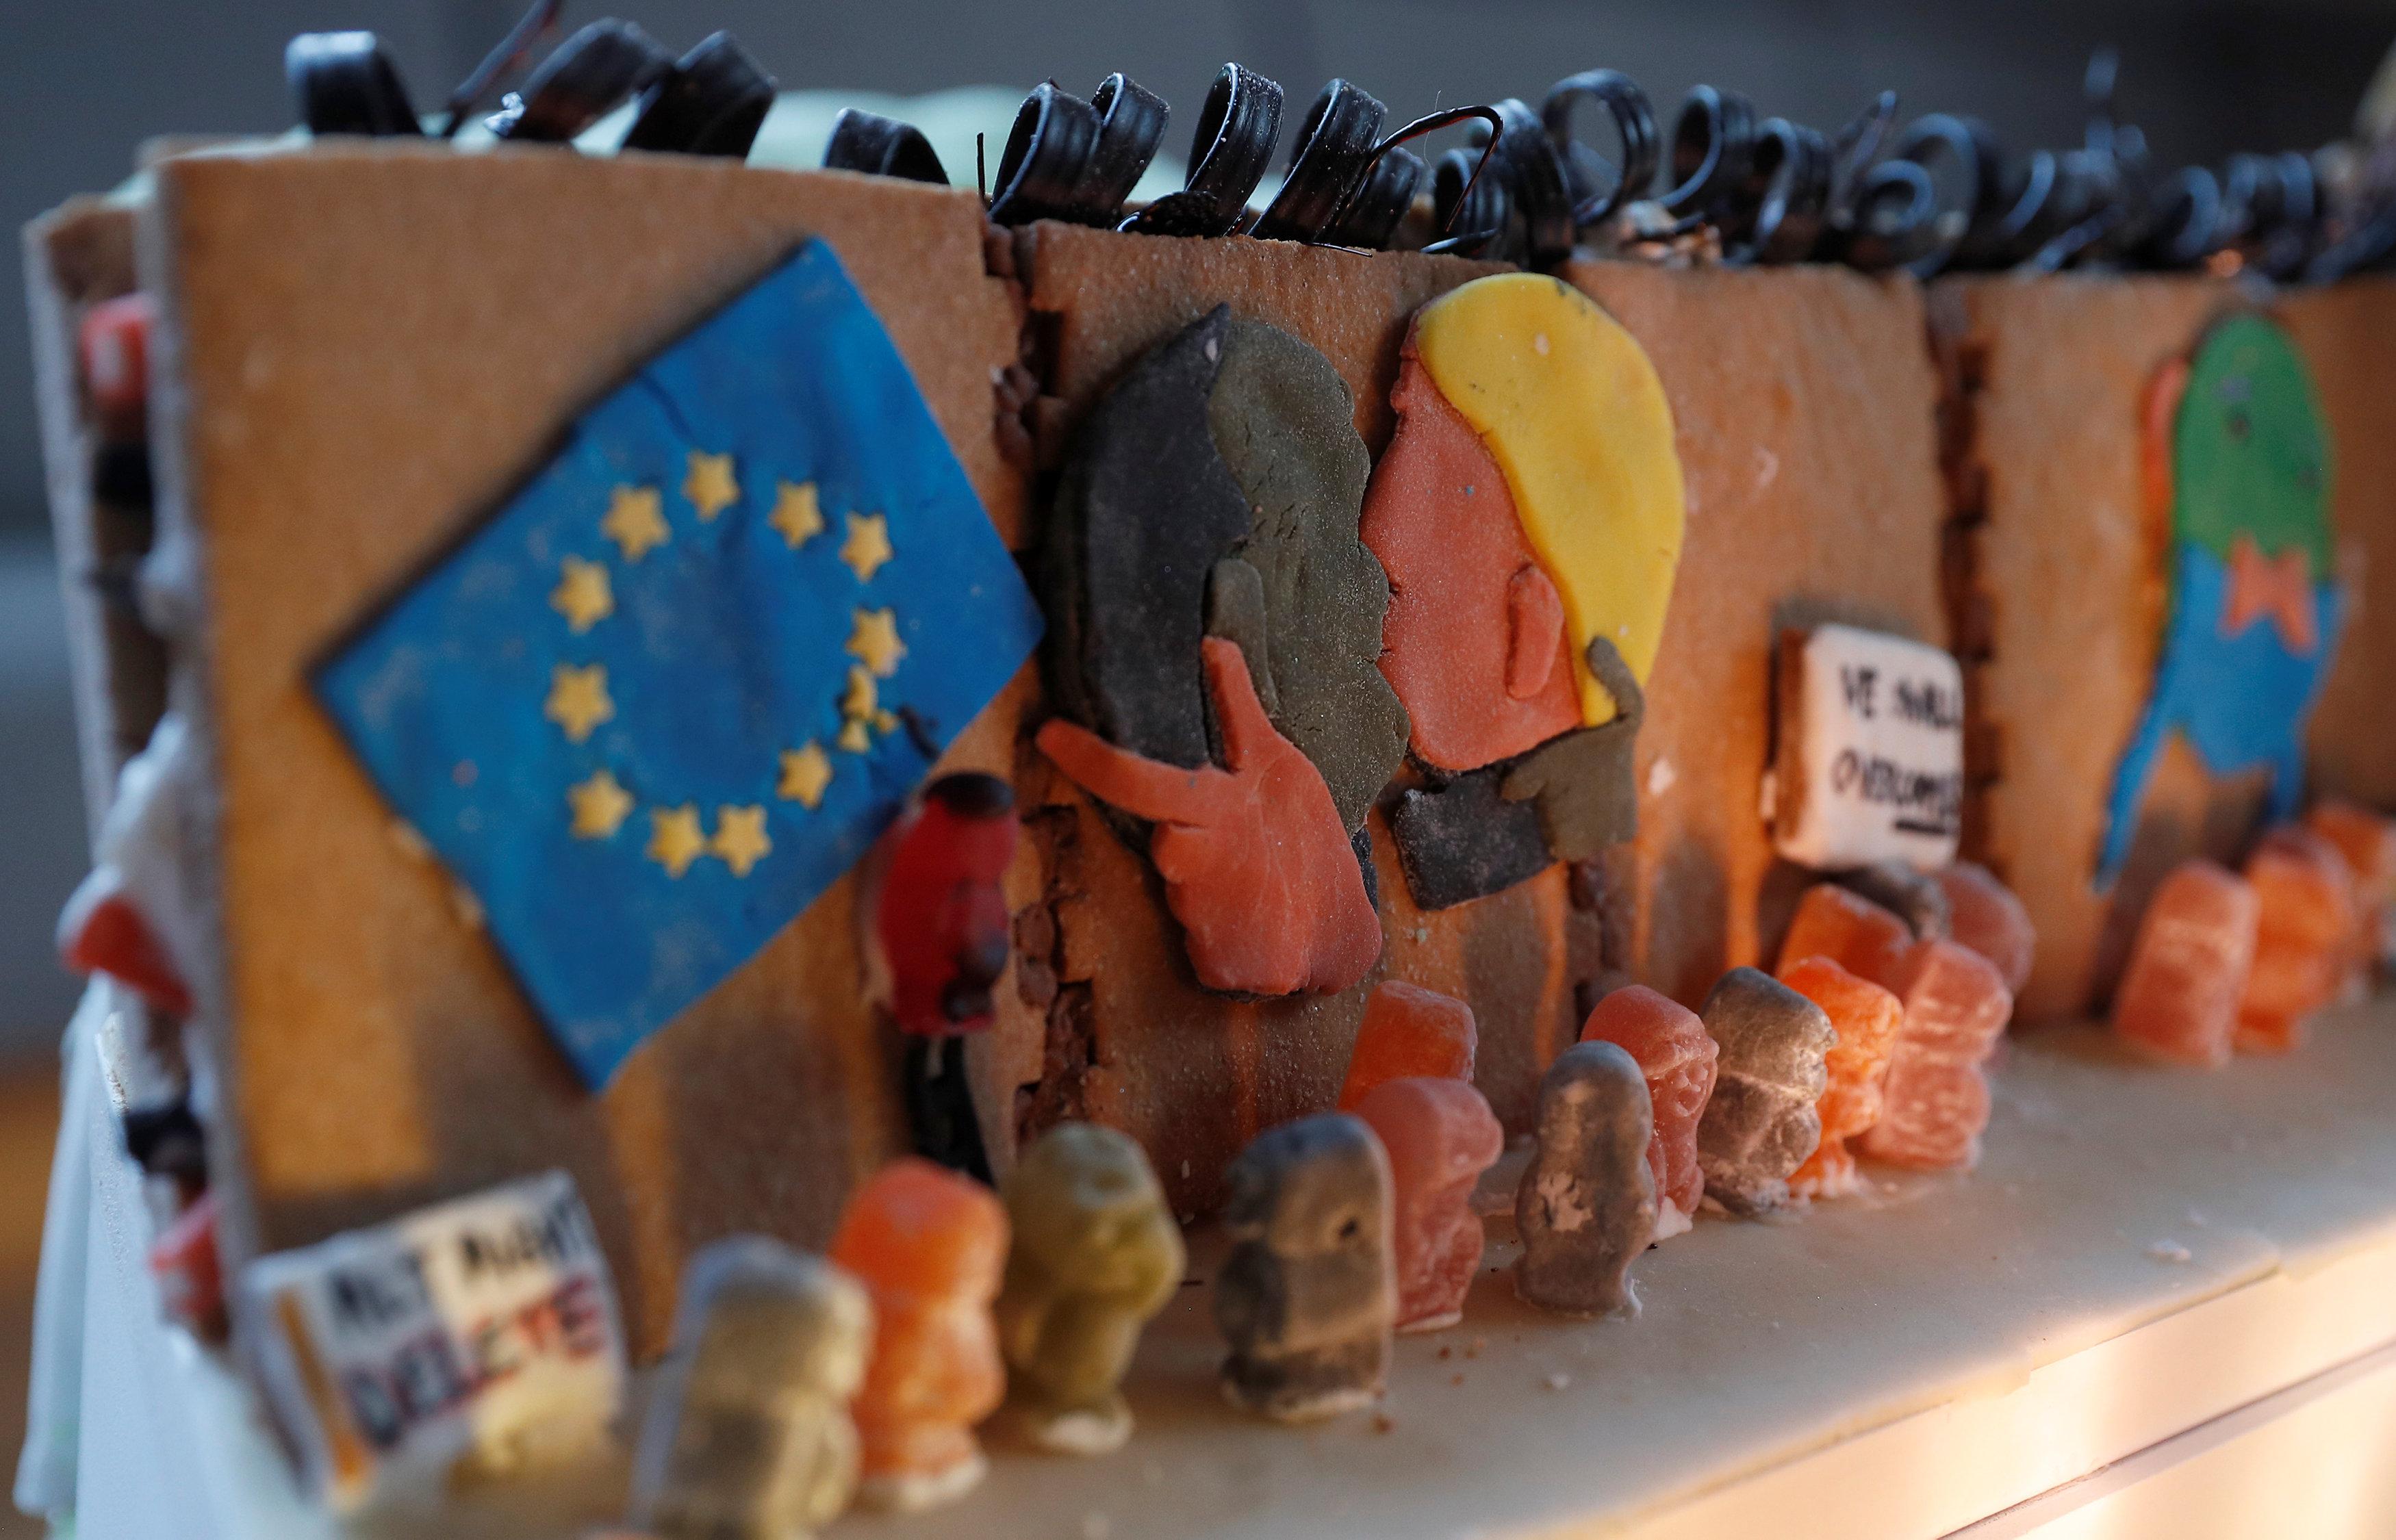 علم الاتحاد الأوروبى على أحد جنبات المدينة الخيالية